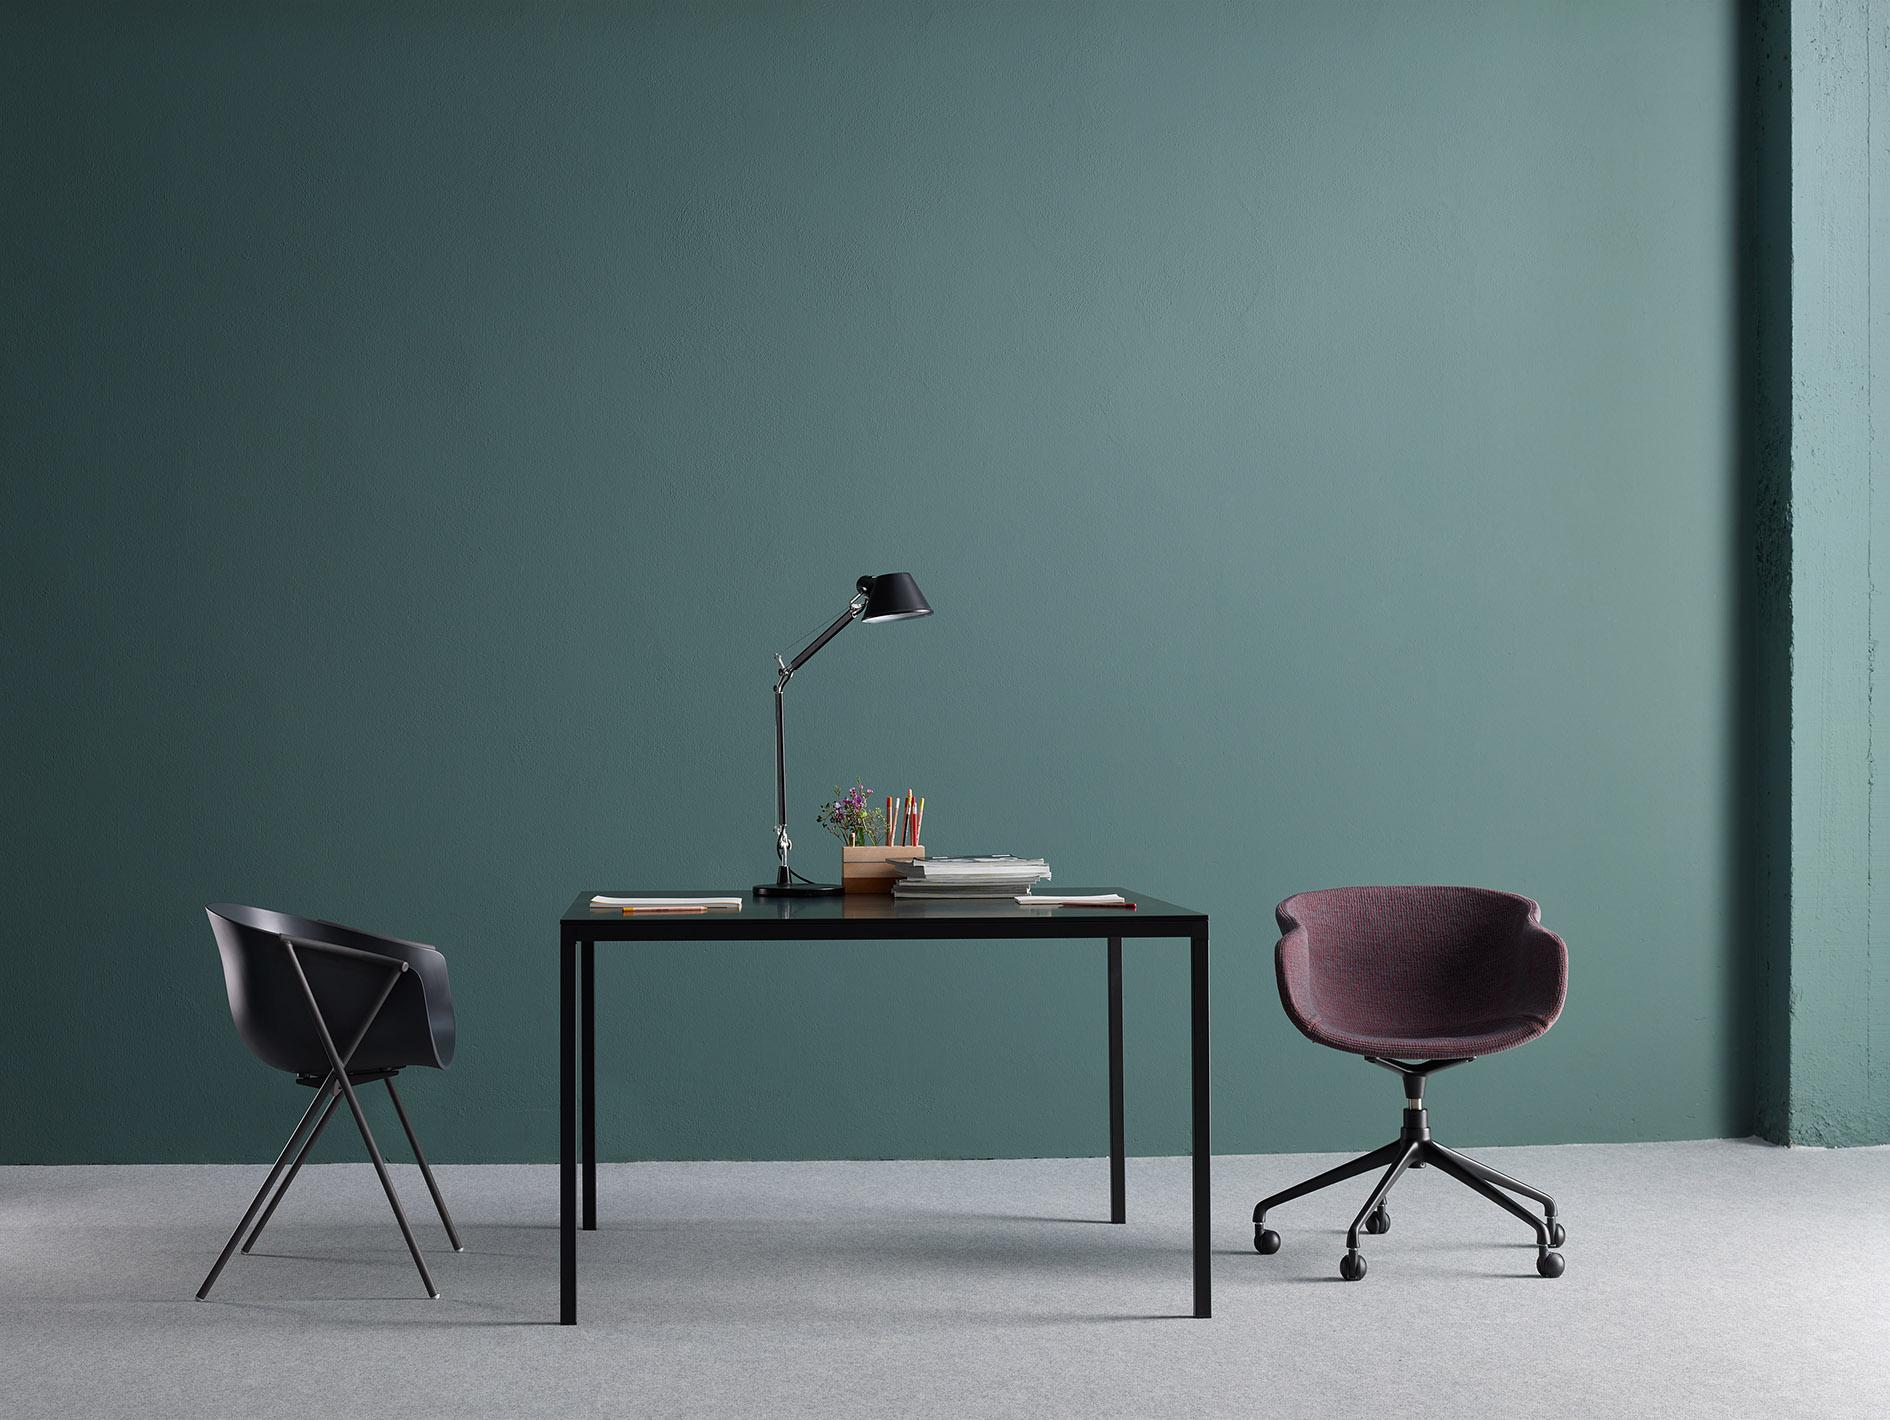 Designosophy ist ein Team aus Experten, welches sich auf den Vertrieb von Möbeln und Beleuchtungen spezialisiert hat. Unser Ziel ist es Ihnen bei Ihren Aufgaben, Projekten oder Wünschen zur Seite zu stehen, Sie zu unterstützen und gutem Design eine Bühne zu geben. -